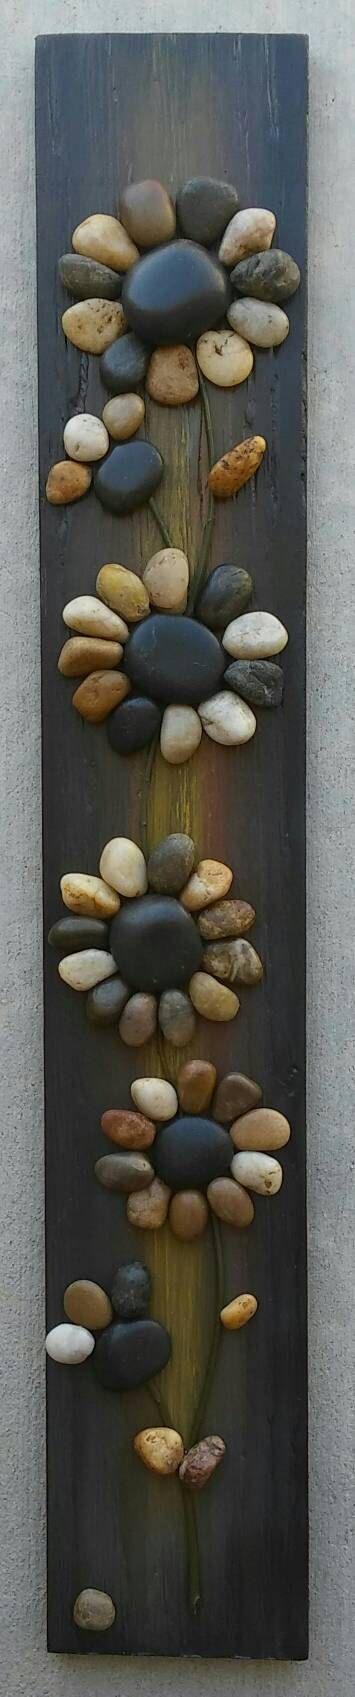 Pebble Art Rock Art Pebble Art Flowers Rock Art di CrawfordBunch